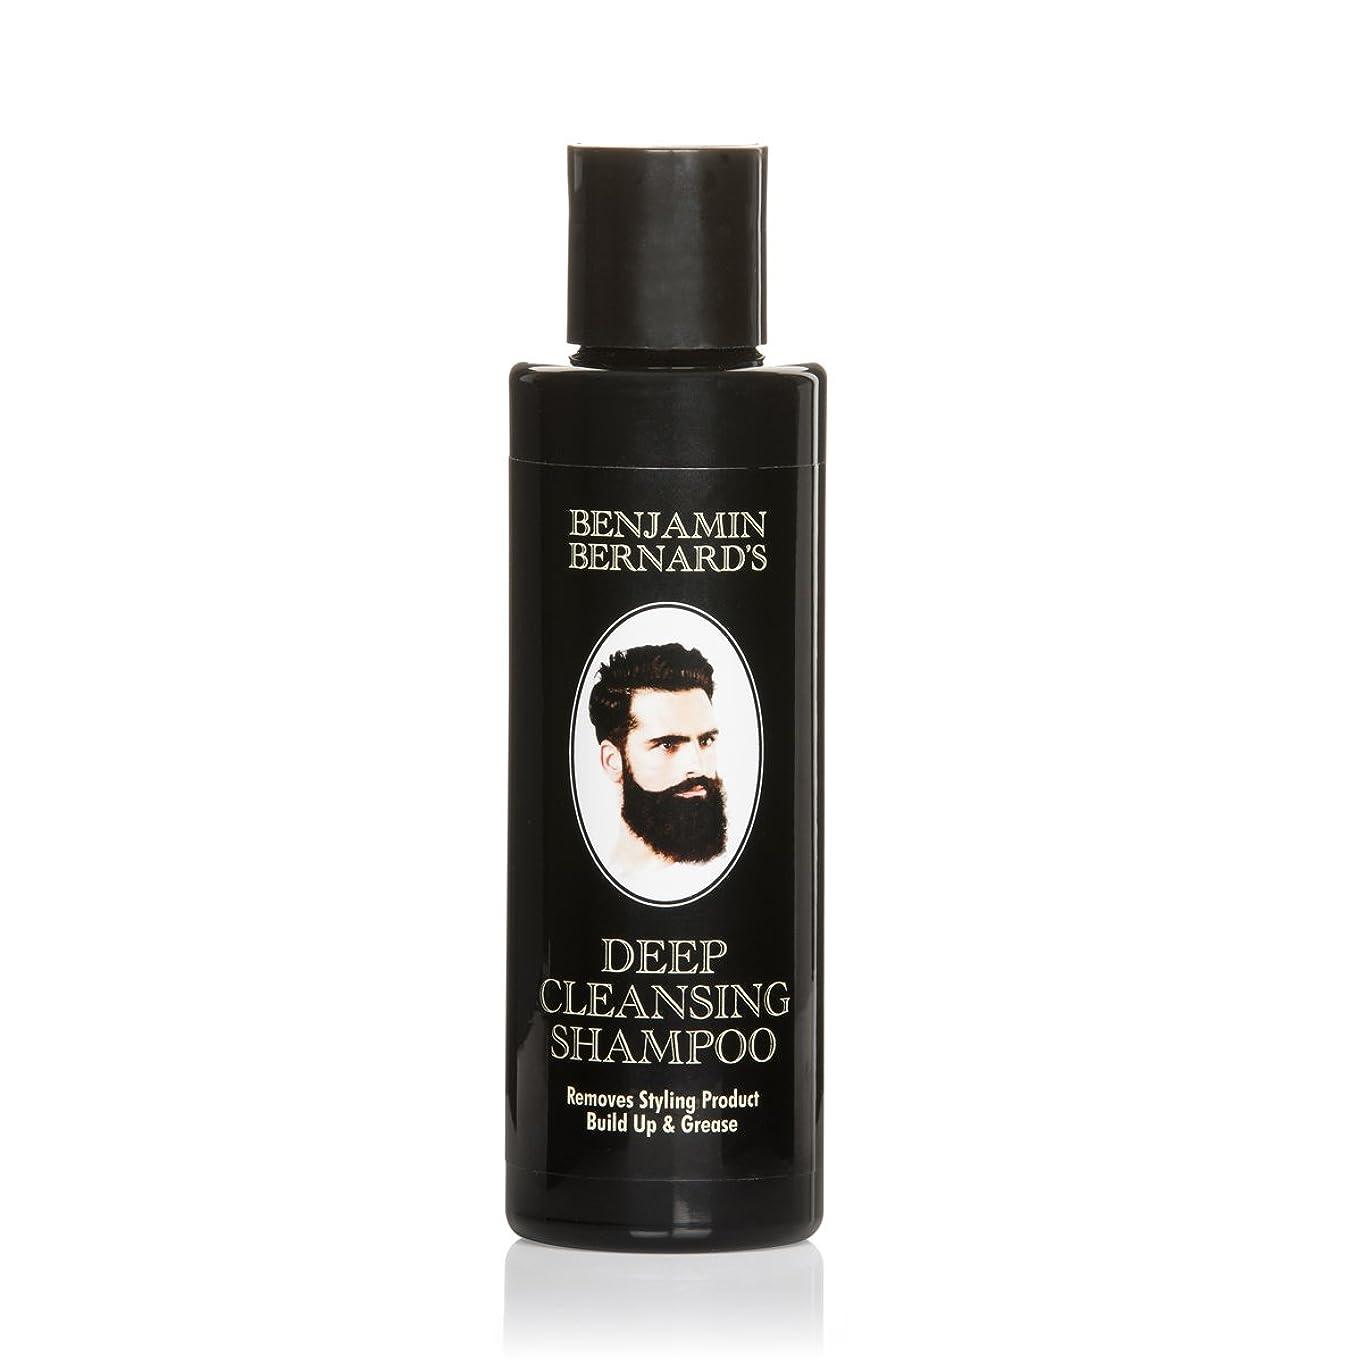 野球レインコートサイレンディープクレンジングシャンプー - ベンジャミンバーナードによる男性用シャンプーの明確化 - 塩素除去、脂っこい髪、プロダクトビルドアップリムーバーのための強力で効果的なシャンプー - 150 ml